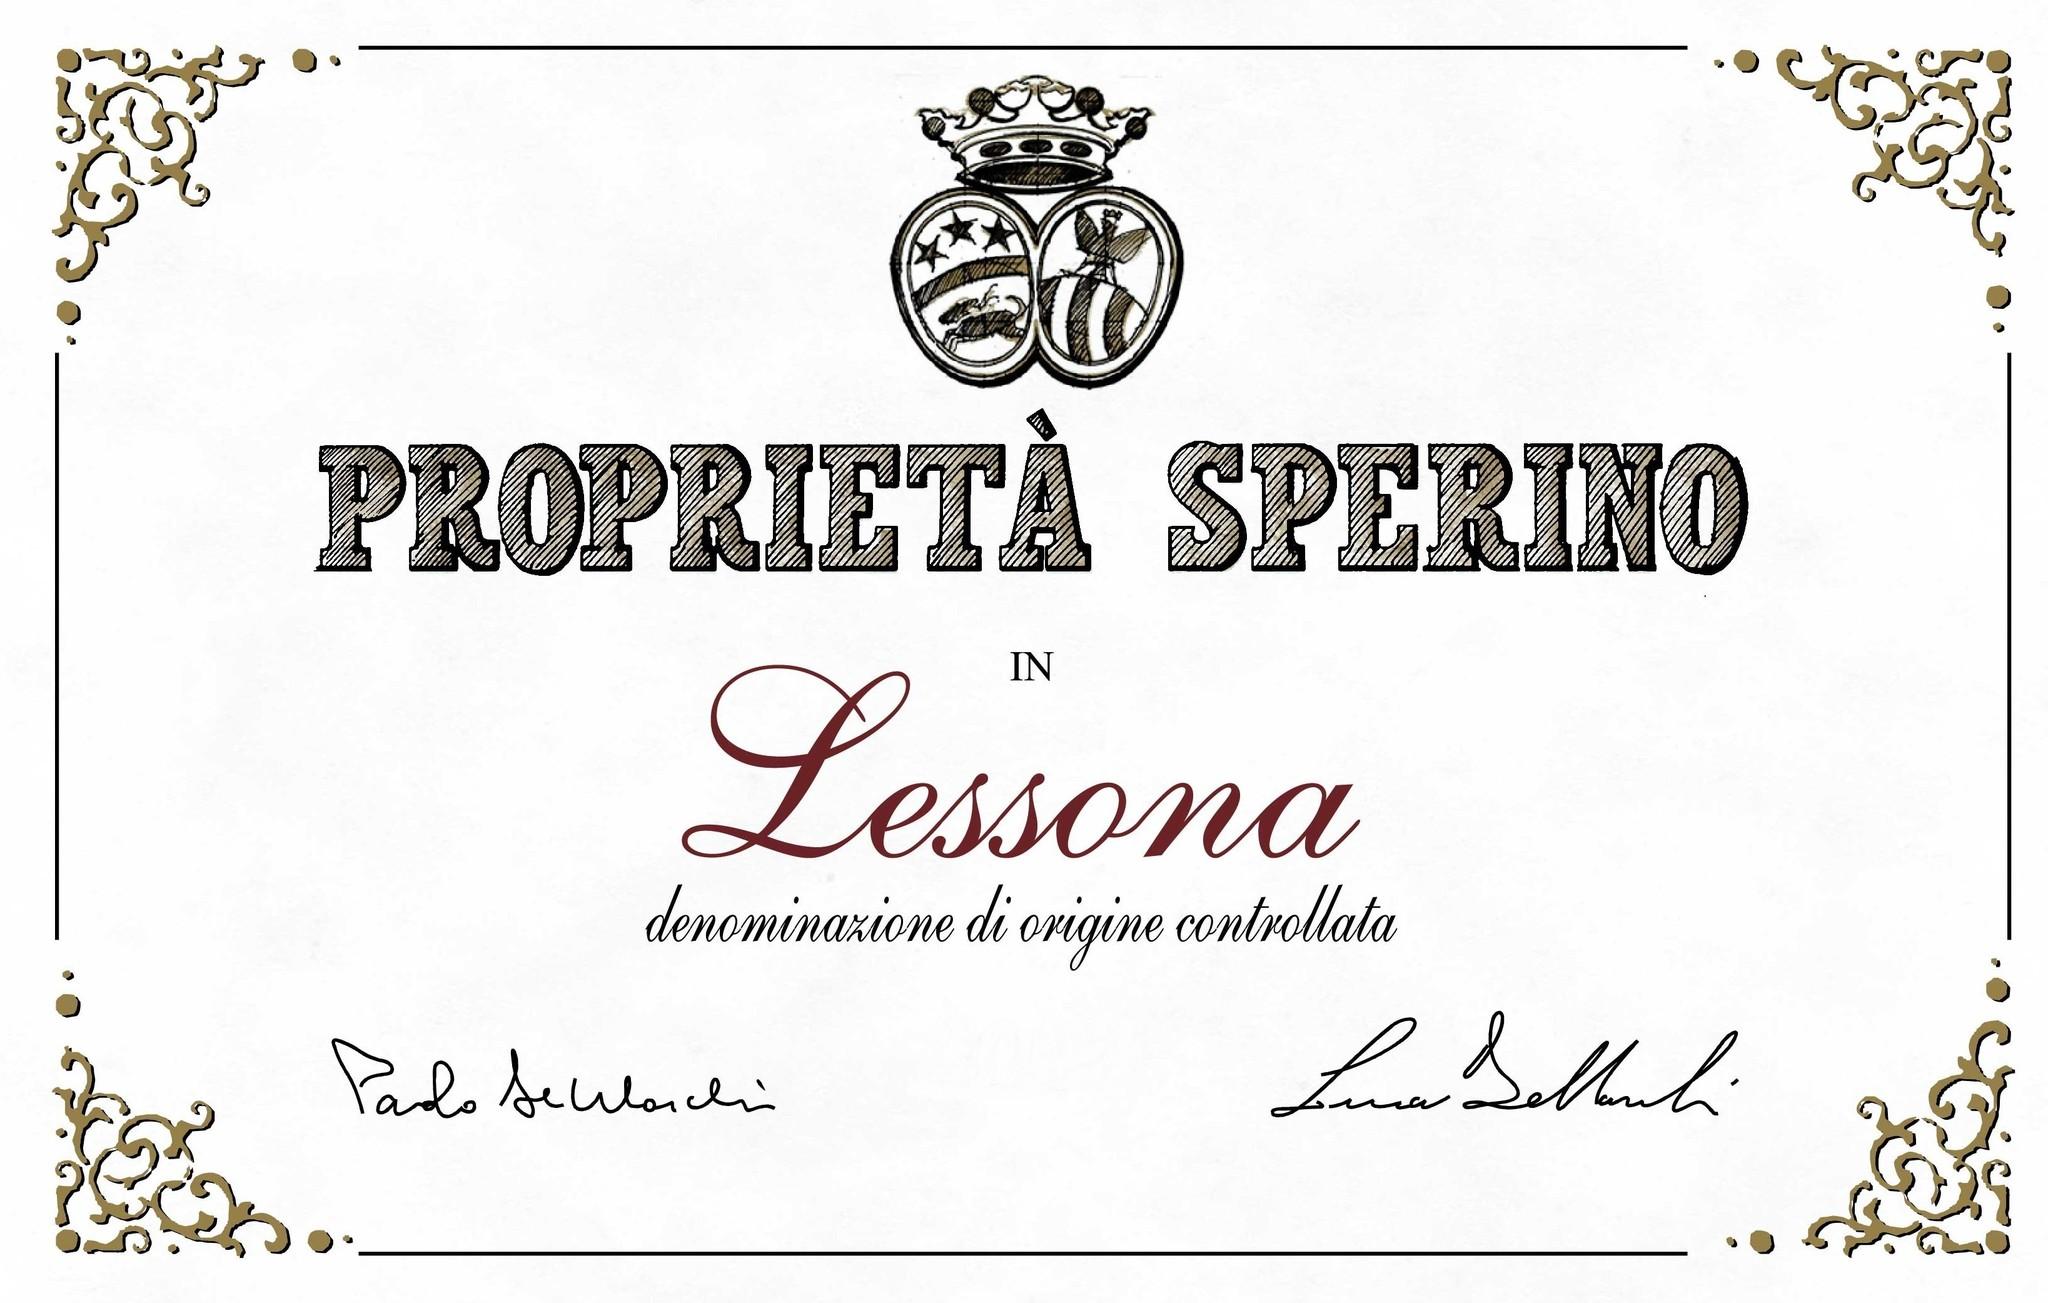 Proprietà Sperino, Lessona, 2013